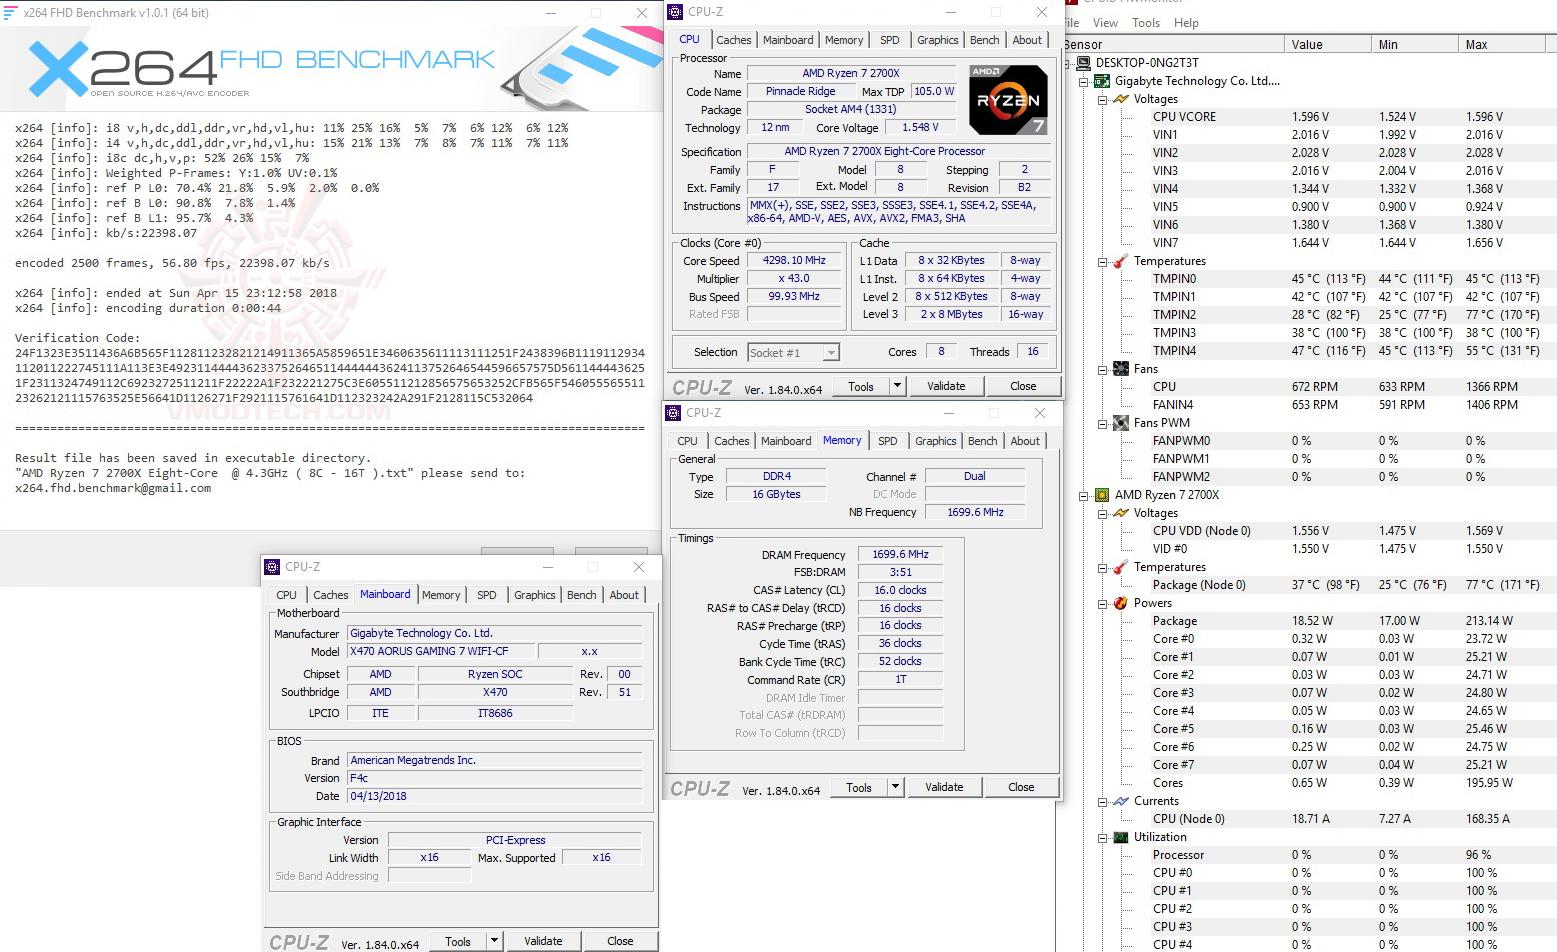 x264 1 G.SKILL SNIPER X DDR4 3400Mhz 16GB F4 3400C16D 16GSXW REVIEW